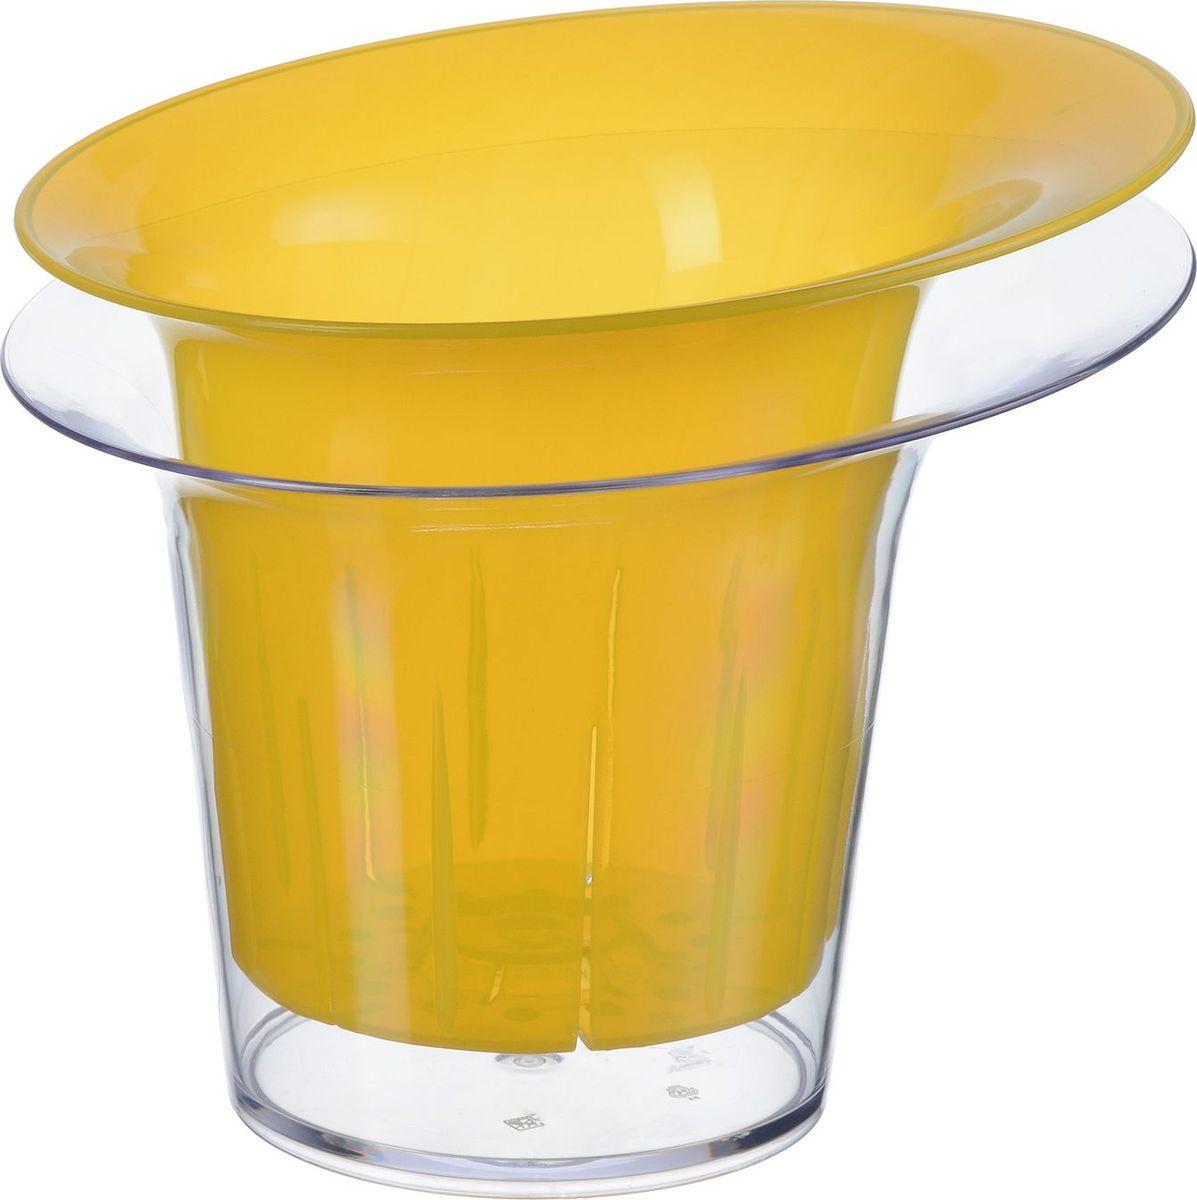 Кашпо для орхидеи Idea Адель, цвет: желтый прозрачный, 1 л. М 3104531-402Кашпо для орхидеи Idea Адель изготовлено из прочного пластика. Изделие прекрасно подходит для выращивания растений и цветов в домашних условиях. Стильный современный дизайн органично впишется в интерьер помещения.Диаметр кашпо: 19 см. Высота кашпо: 17 см. Объем кашпо: 1 л.